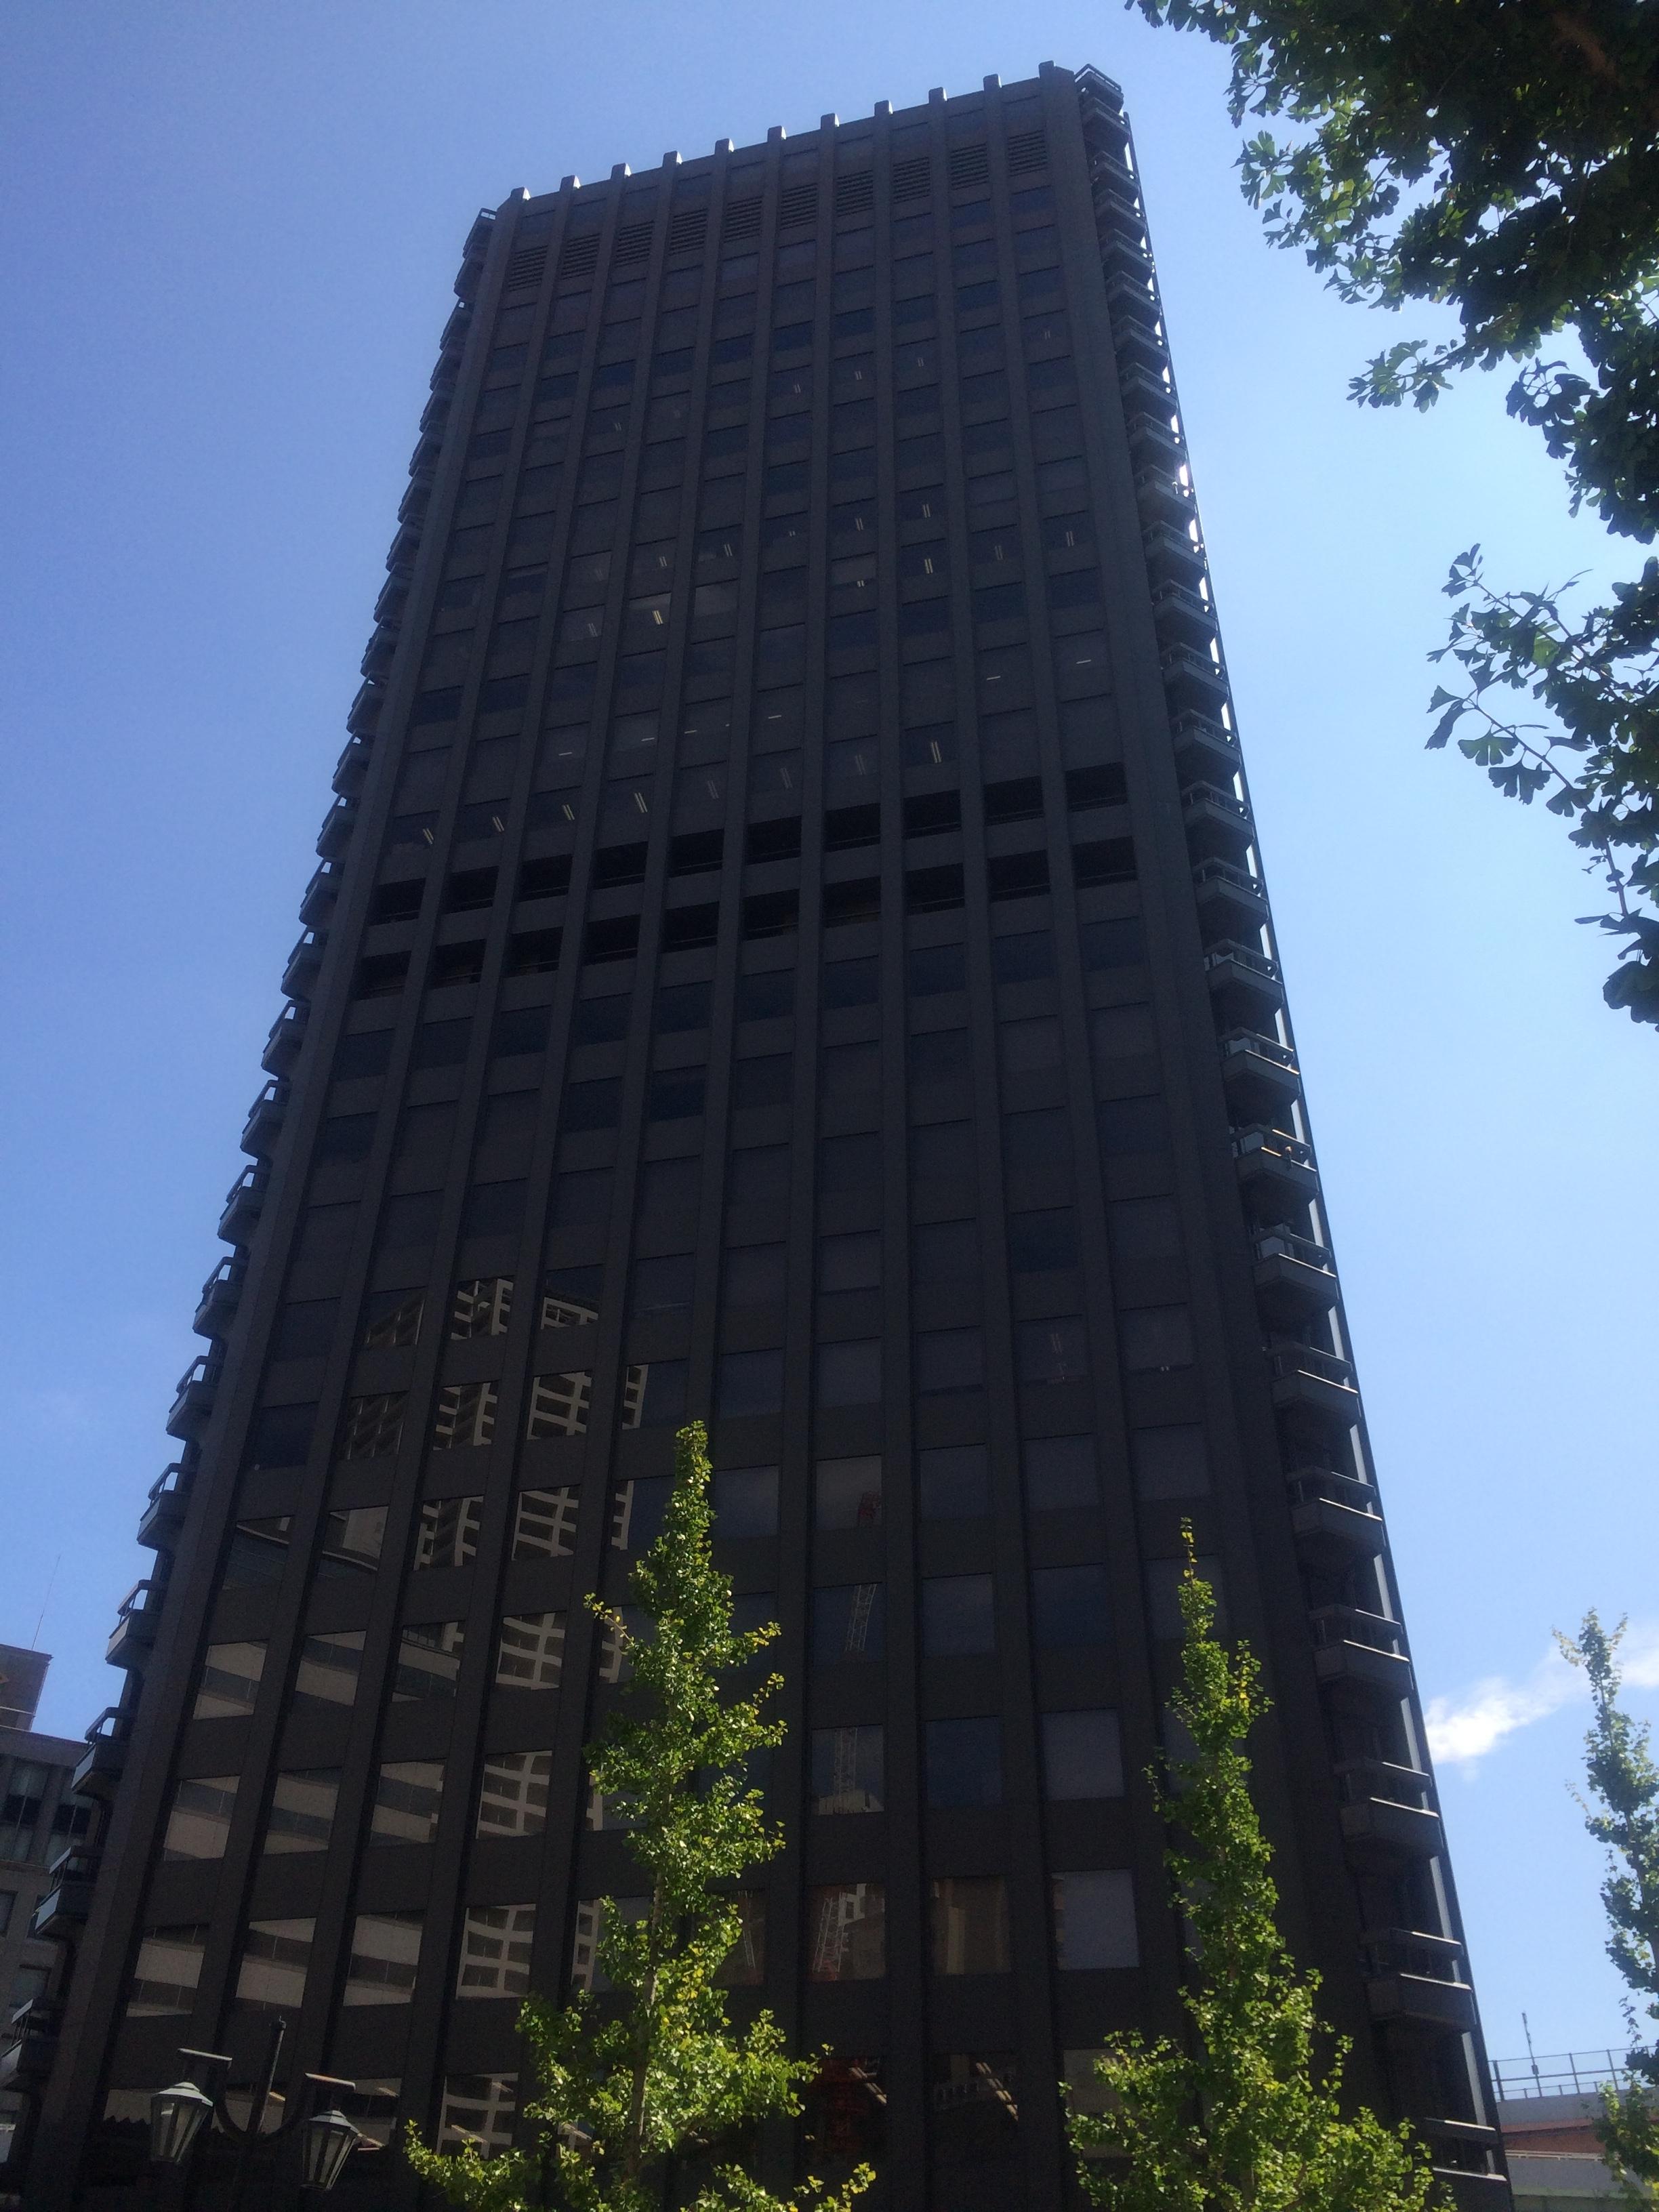 20171212貿易センタービル